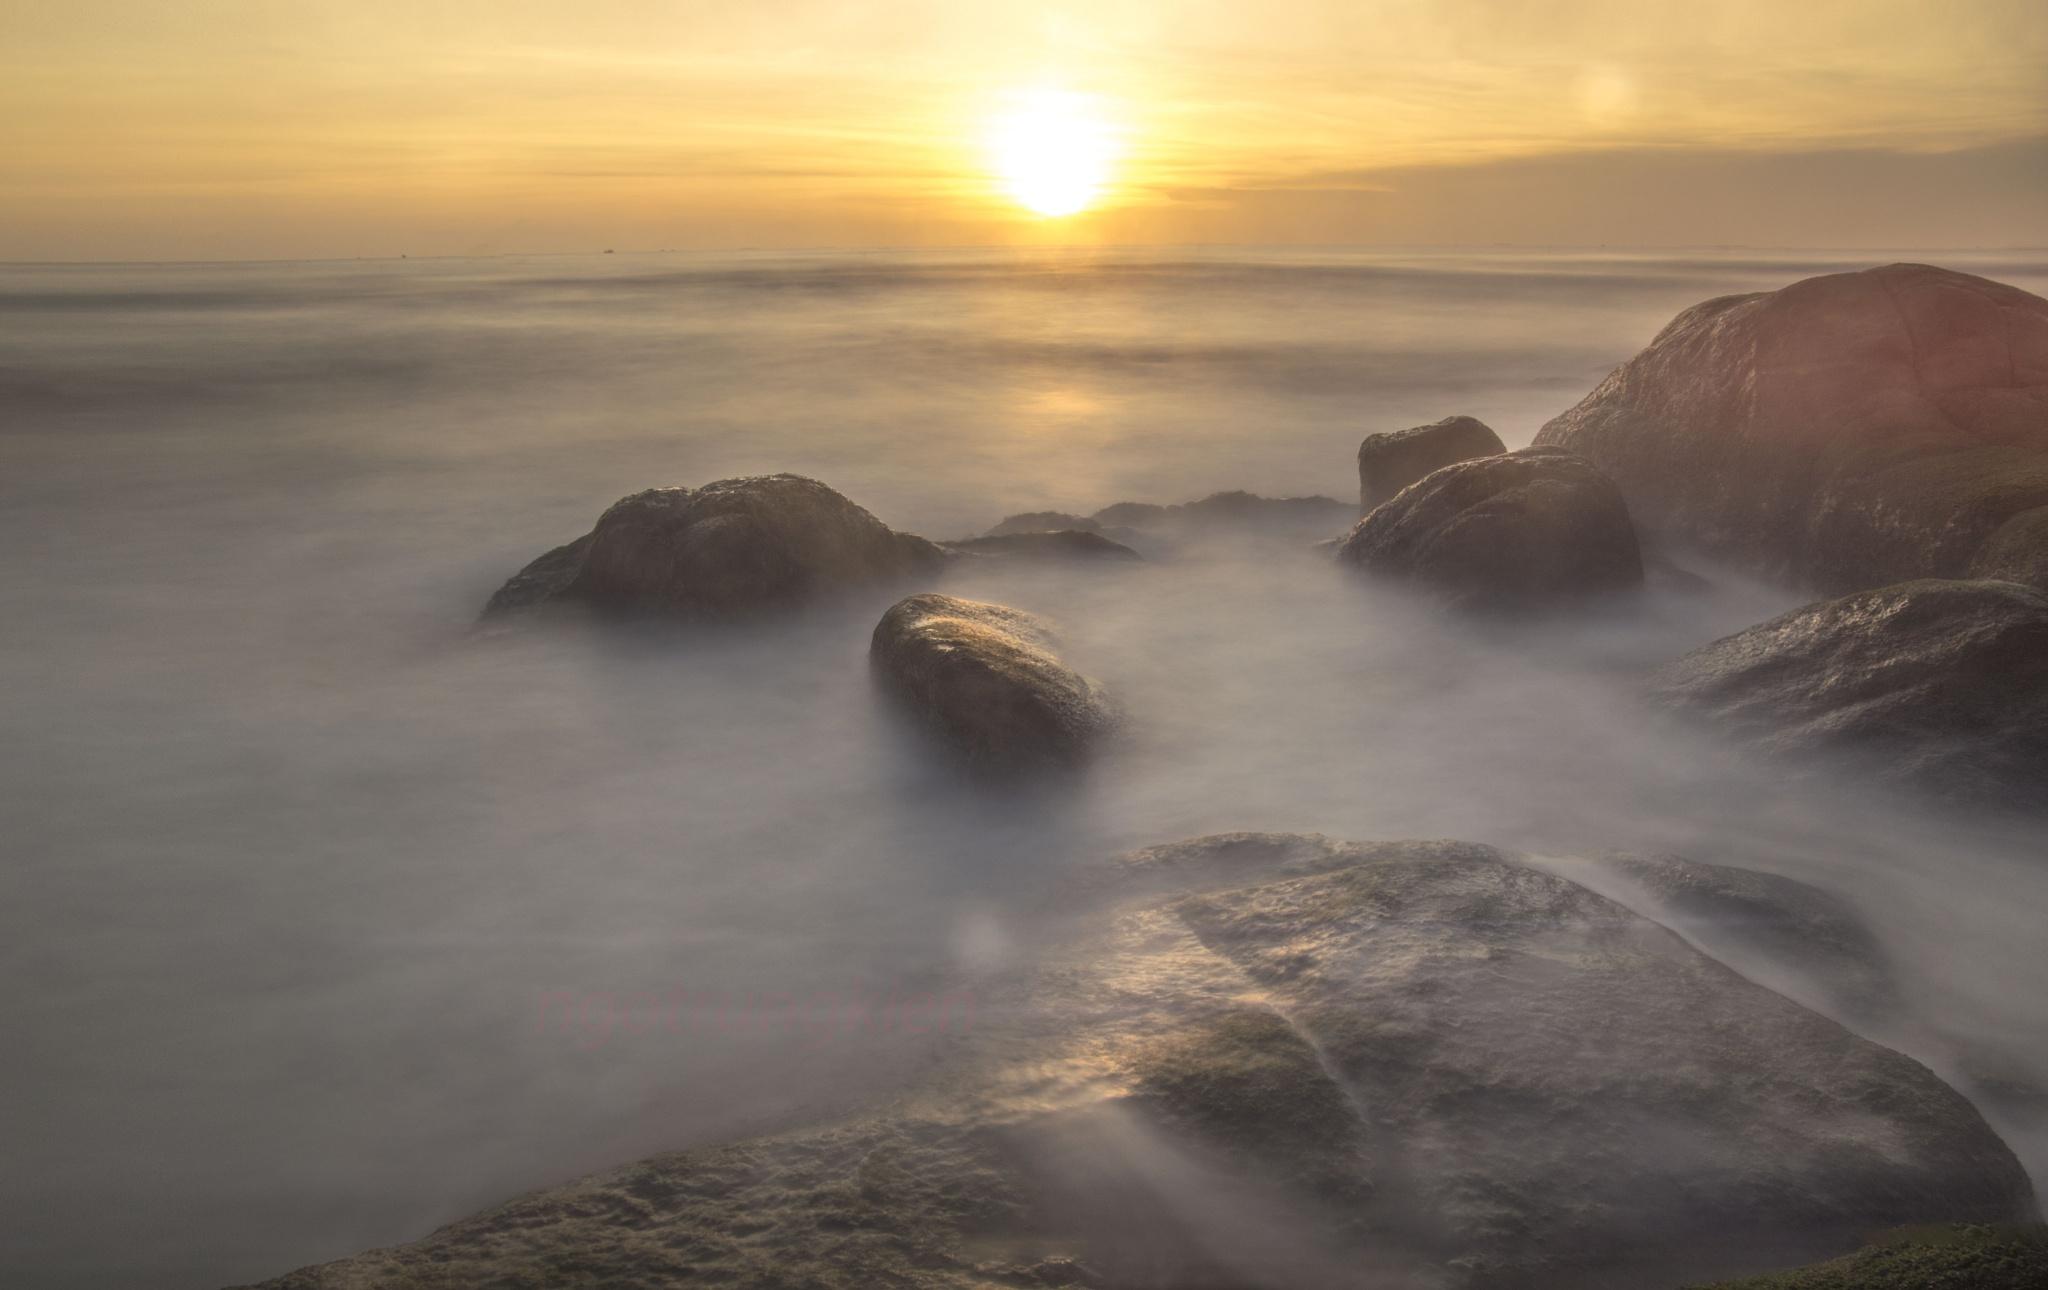 sunrise in the sea  by kienngotrung18